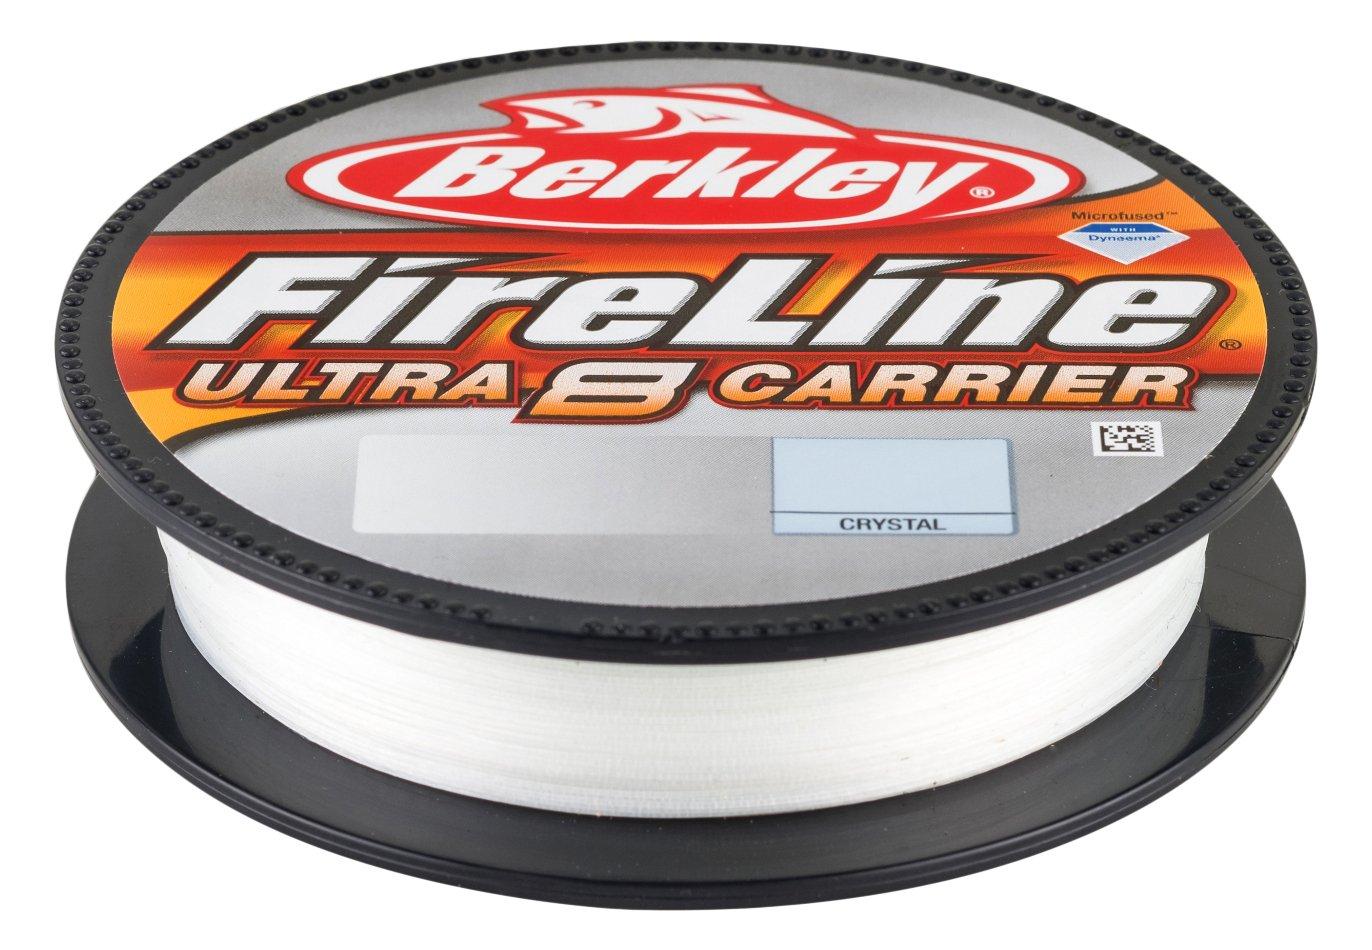 Crystal Berkley Bu8Fl3004-Cy Fireline Ultra 8 Fishing Line 300 yd//4 lb